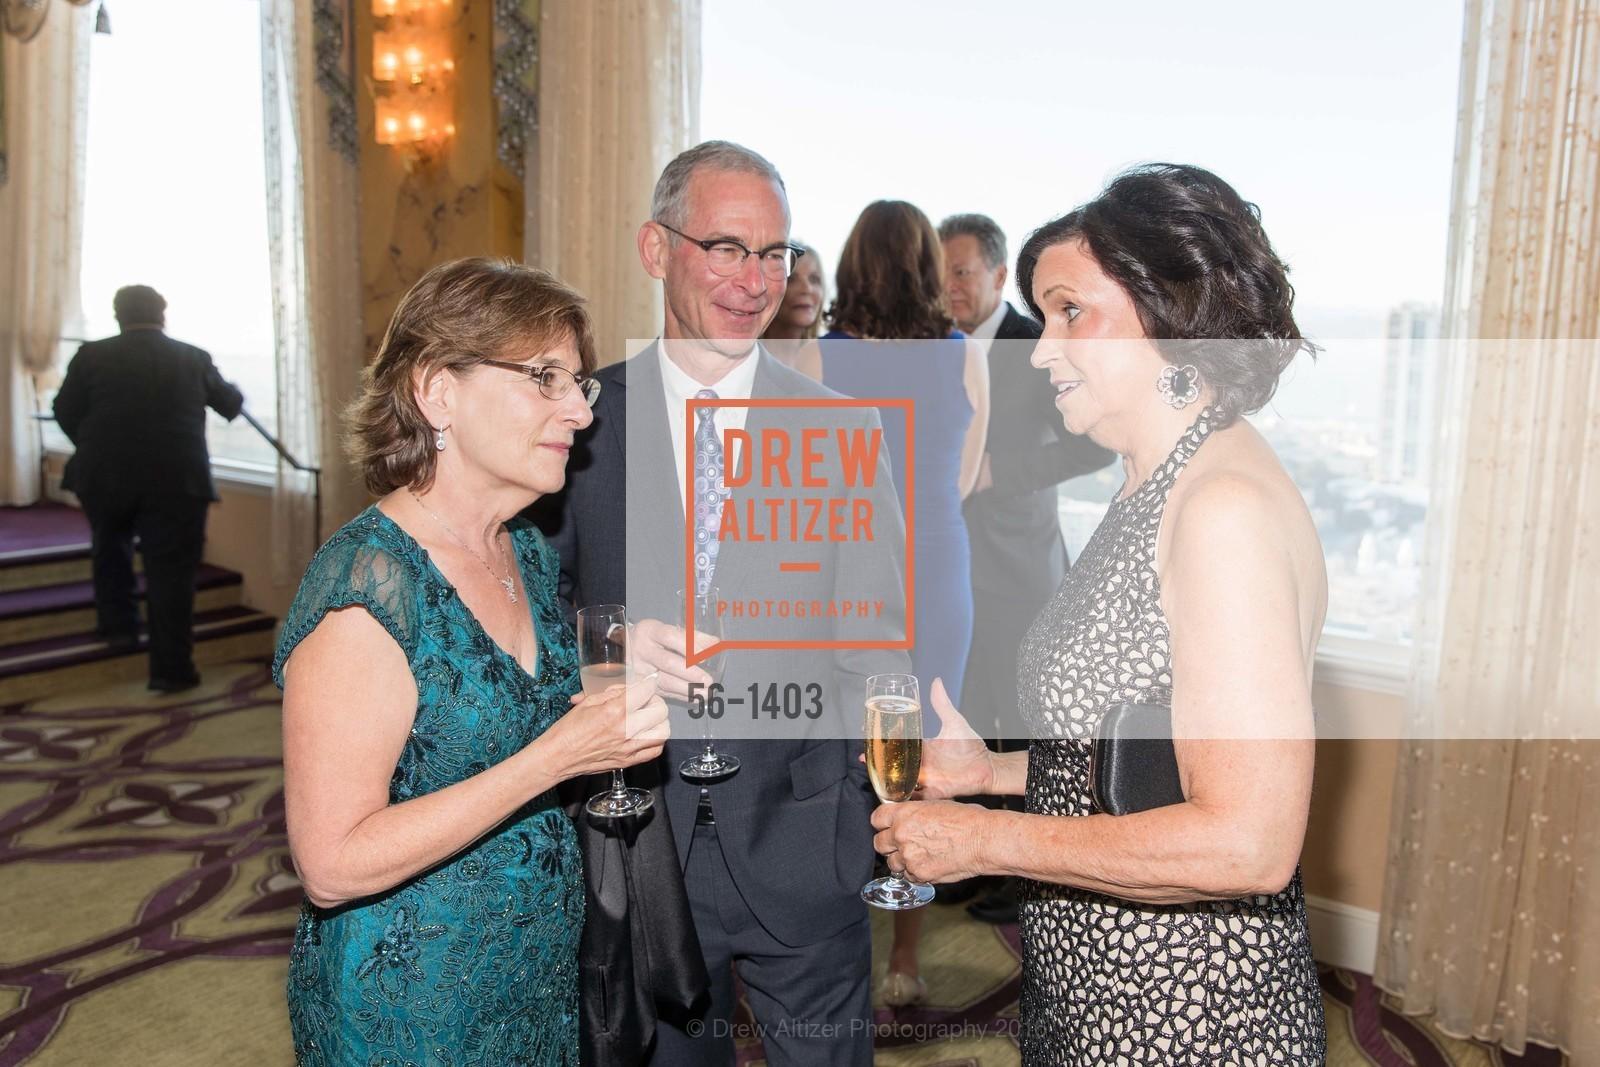 Gail Shak, Steven Shak, Brenda Beck, Photo #56-1403